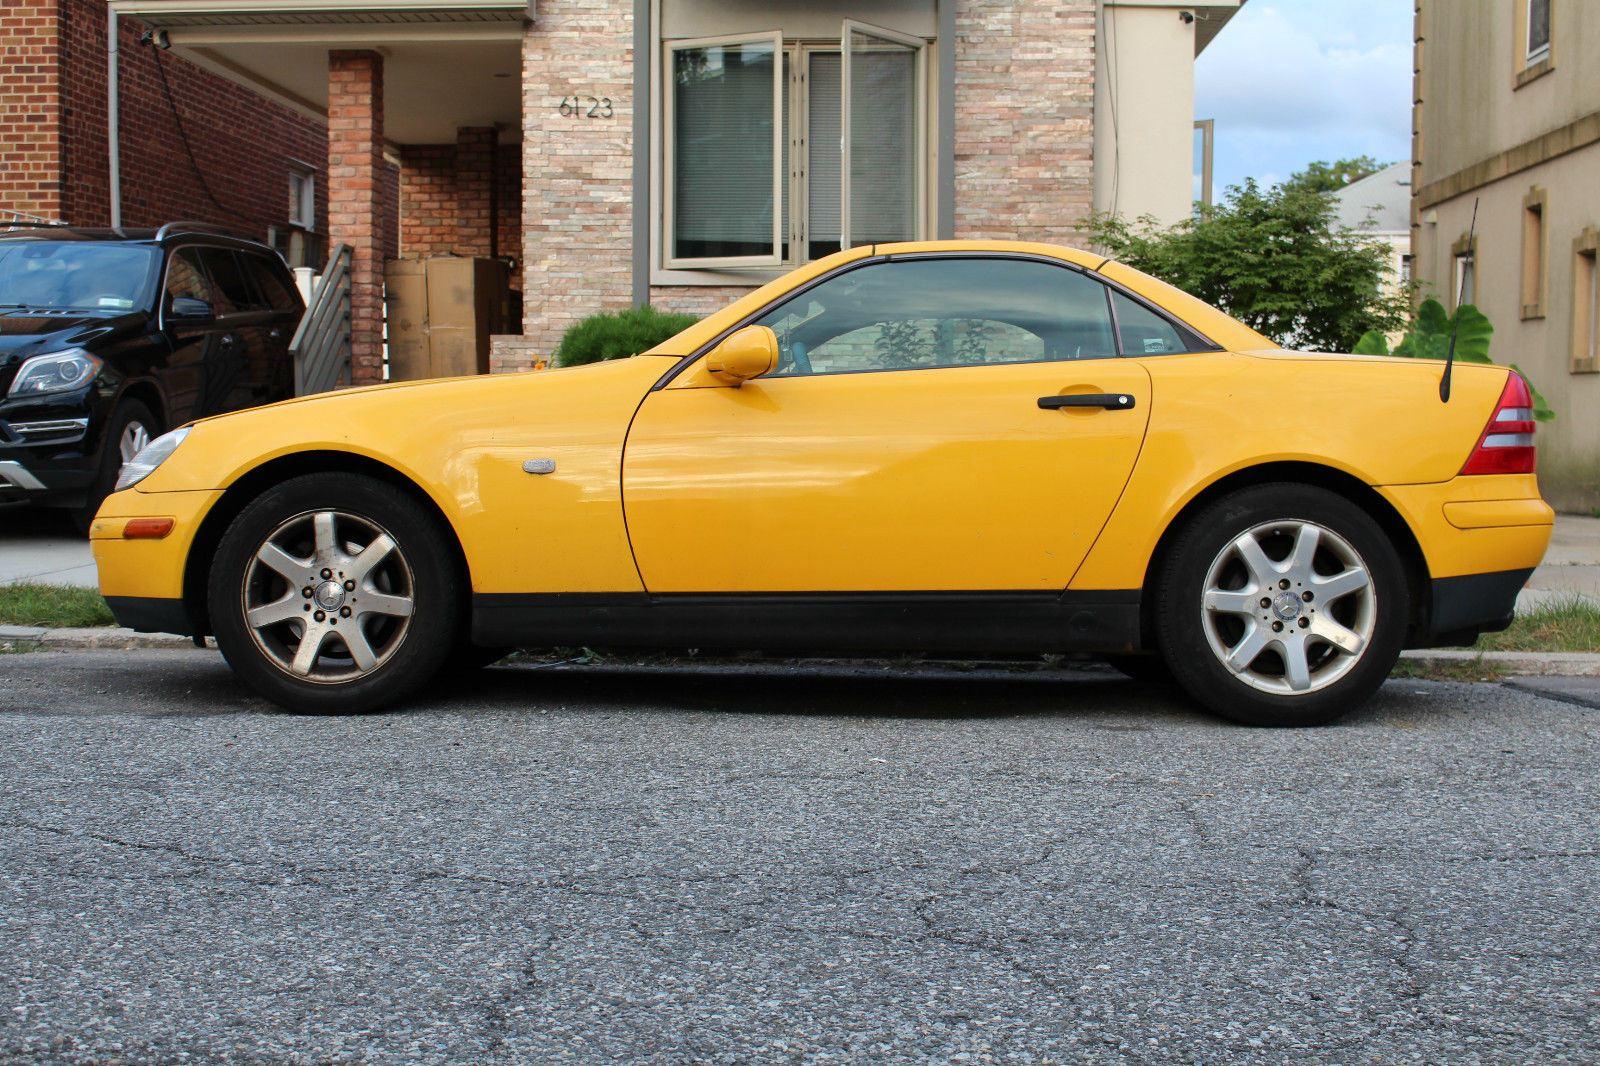 1998 mercedes benz slk230 hard top for sale for Mercedes benz slk roadster for sale